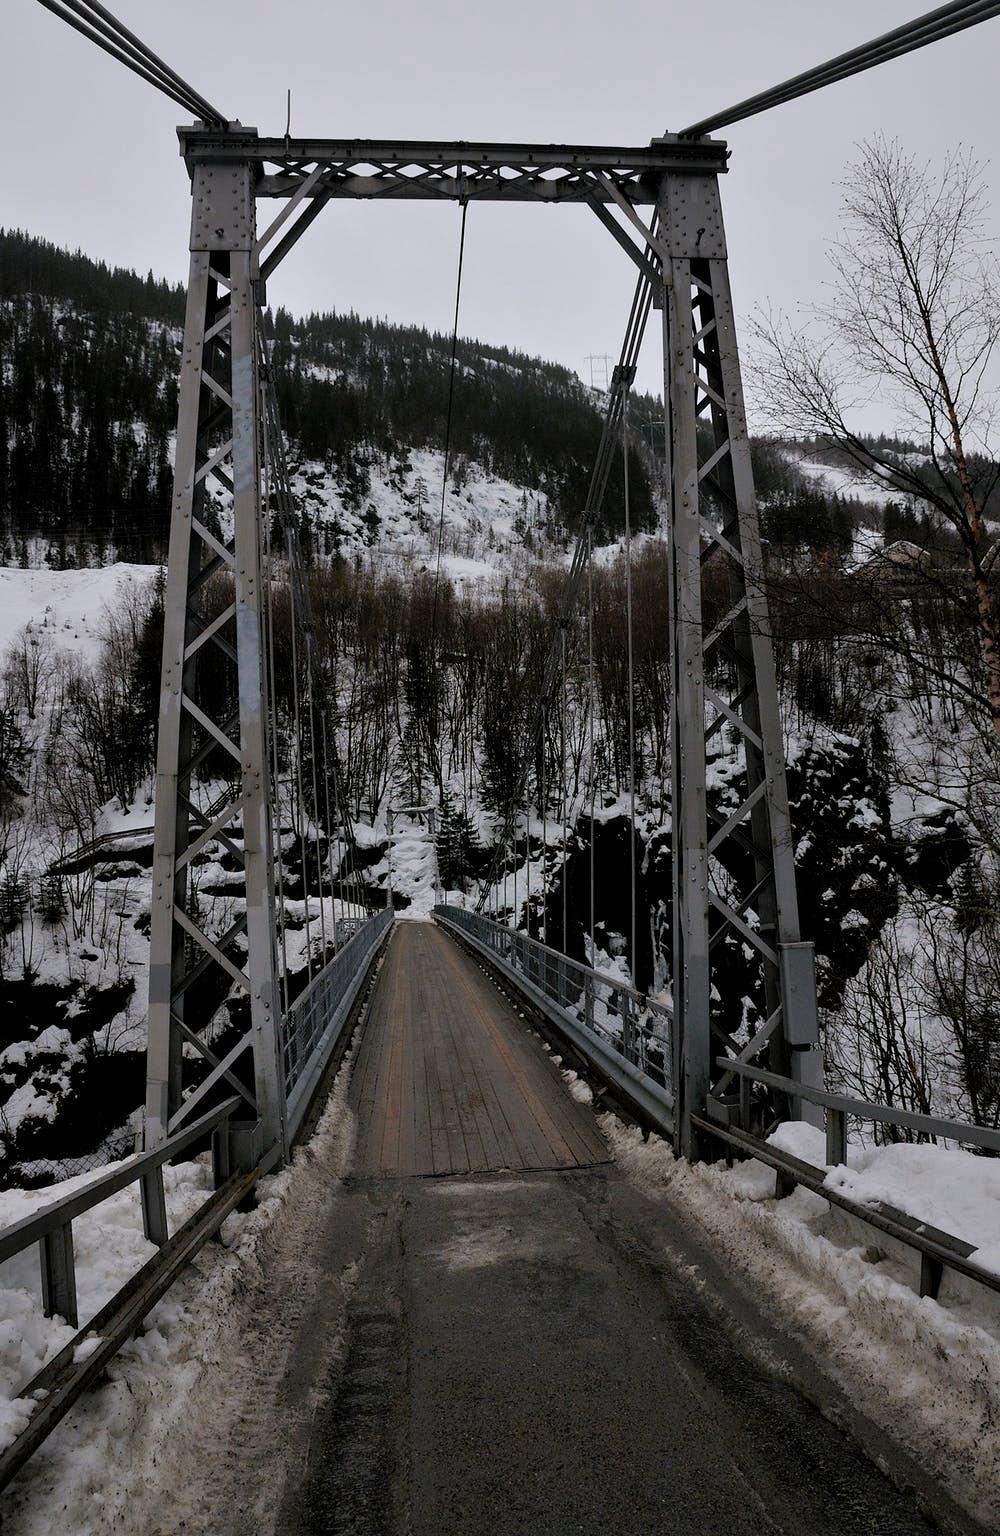 Bridge in to the Vemork site